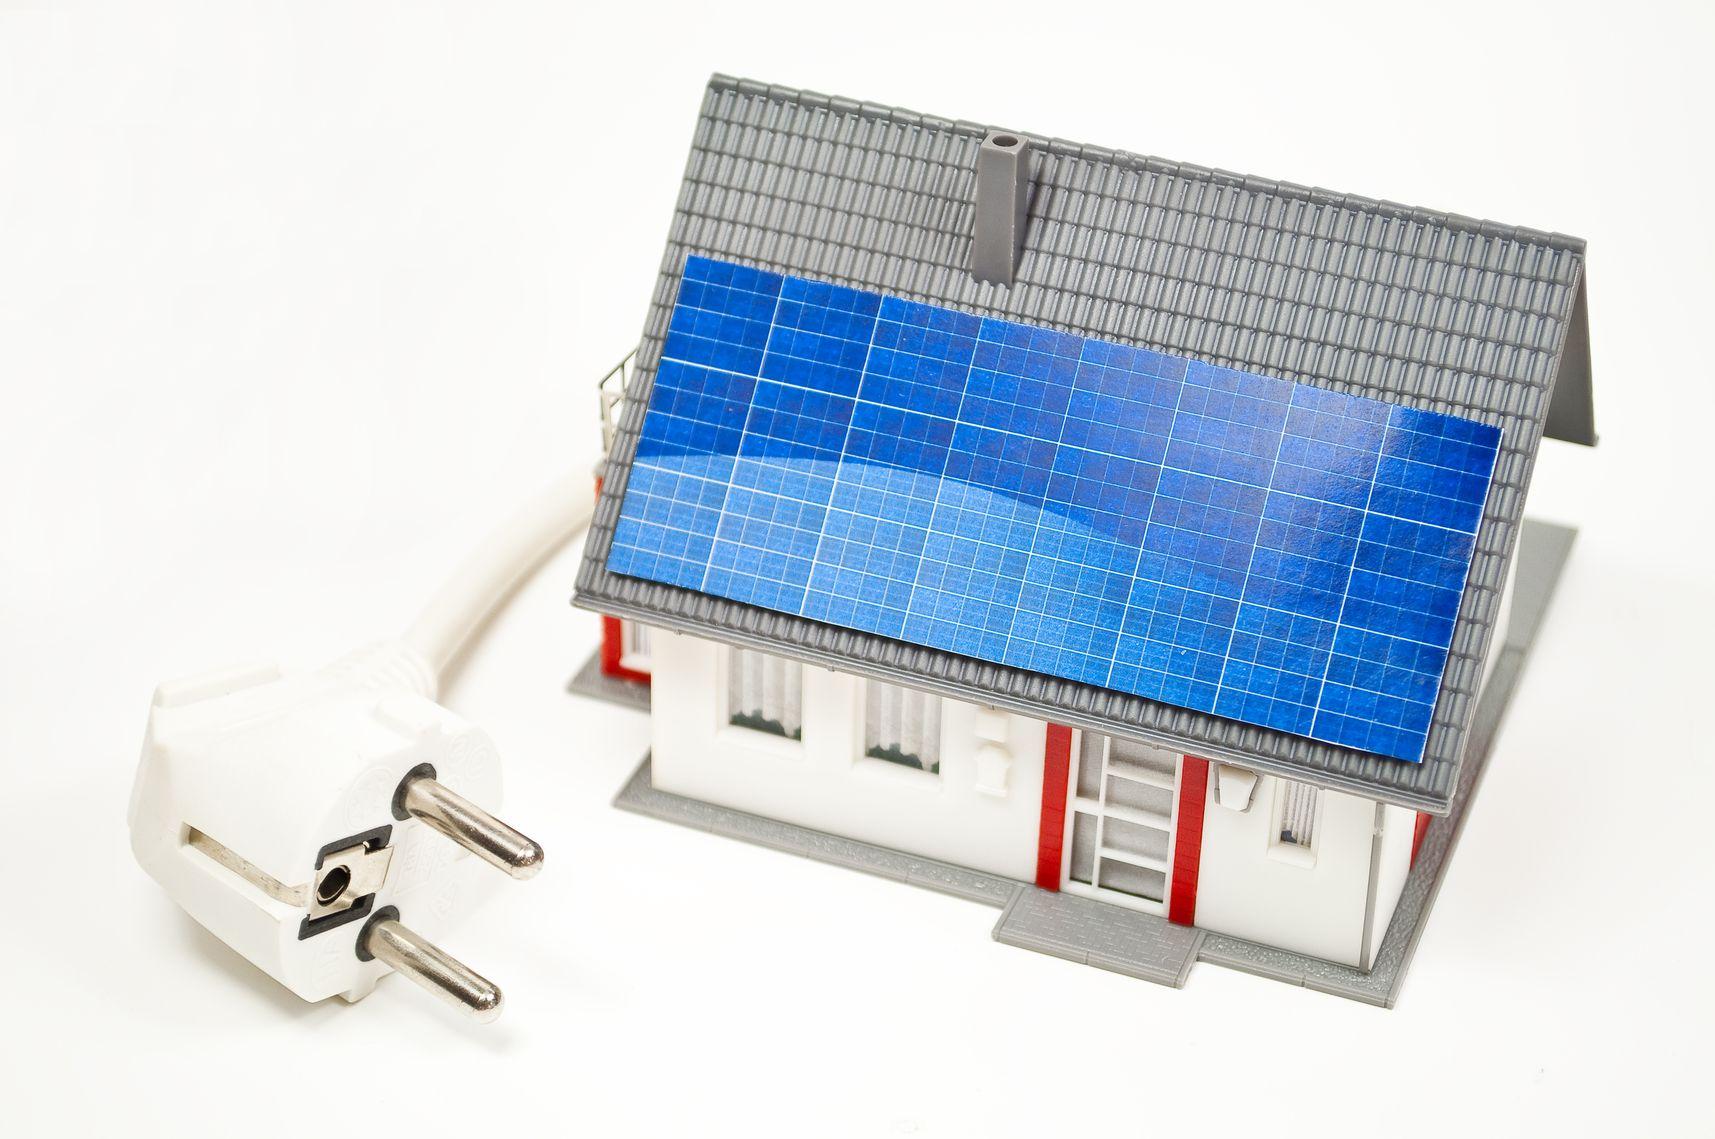 Haus mit Solarzellen und Stecker